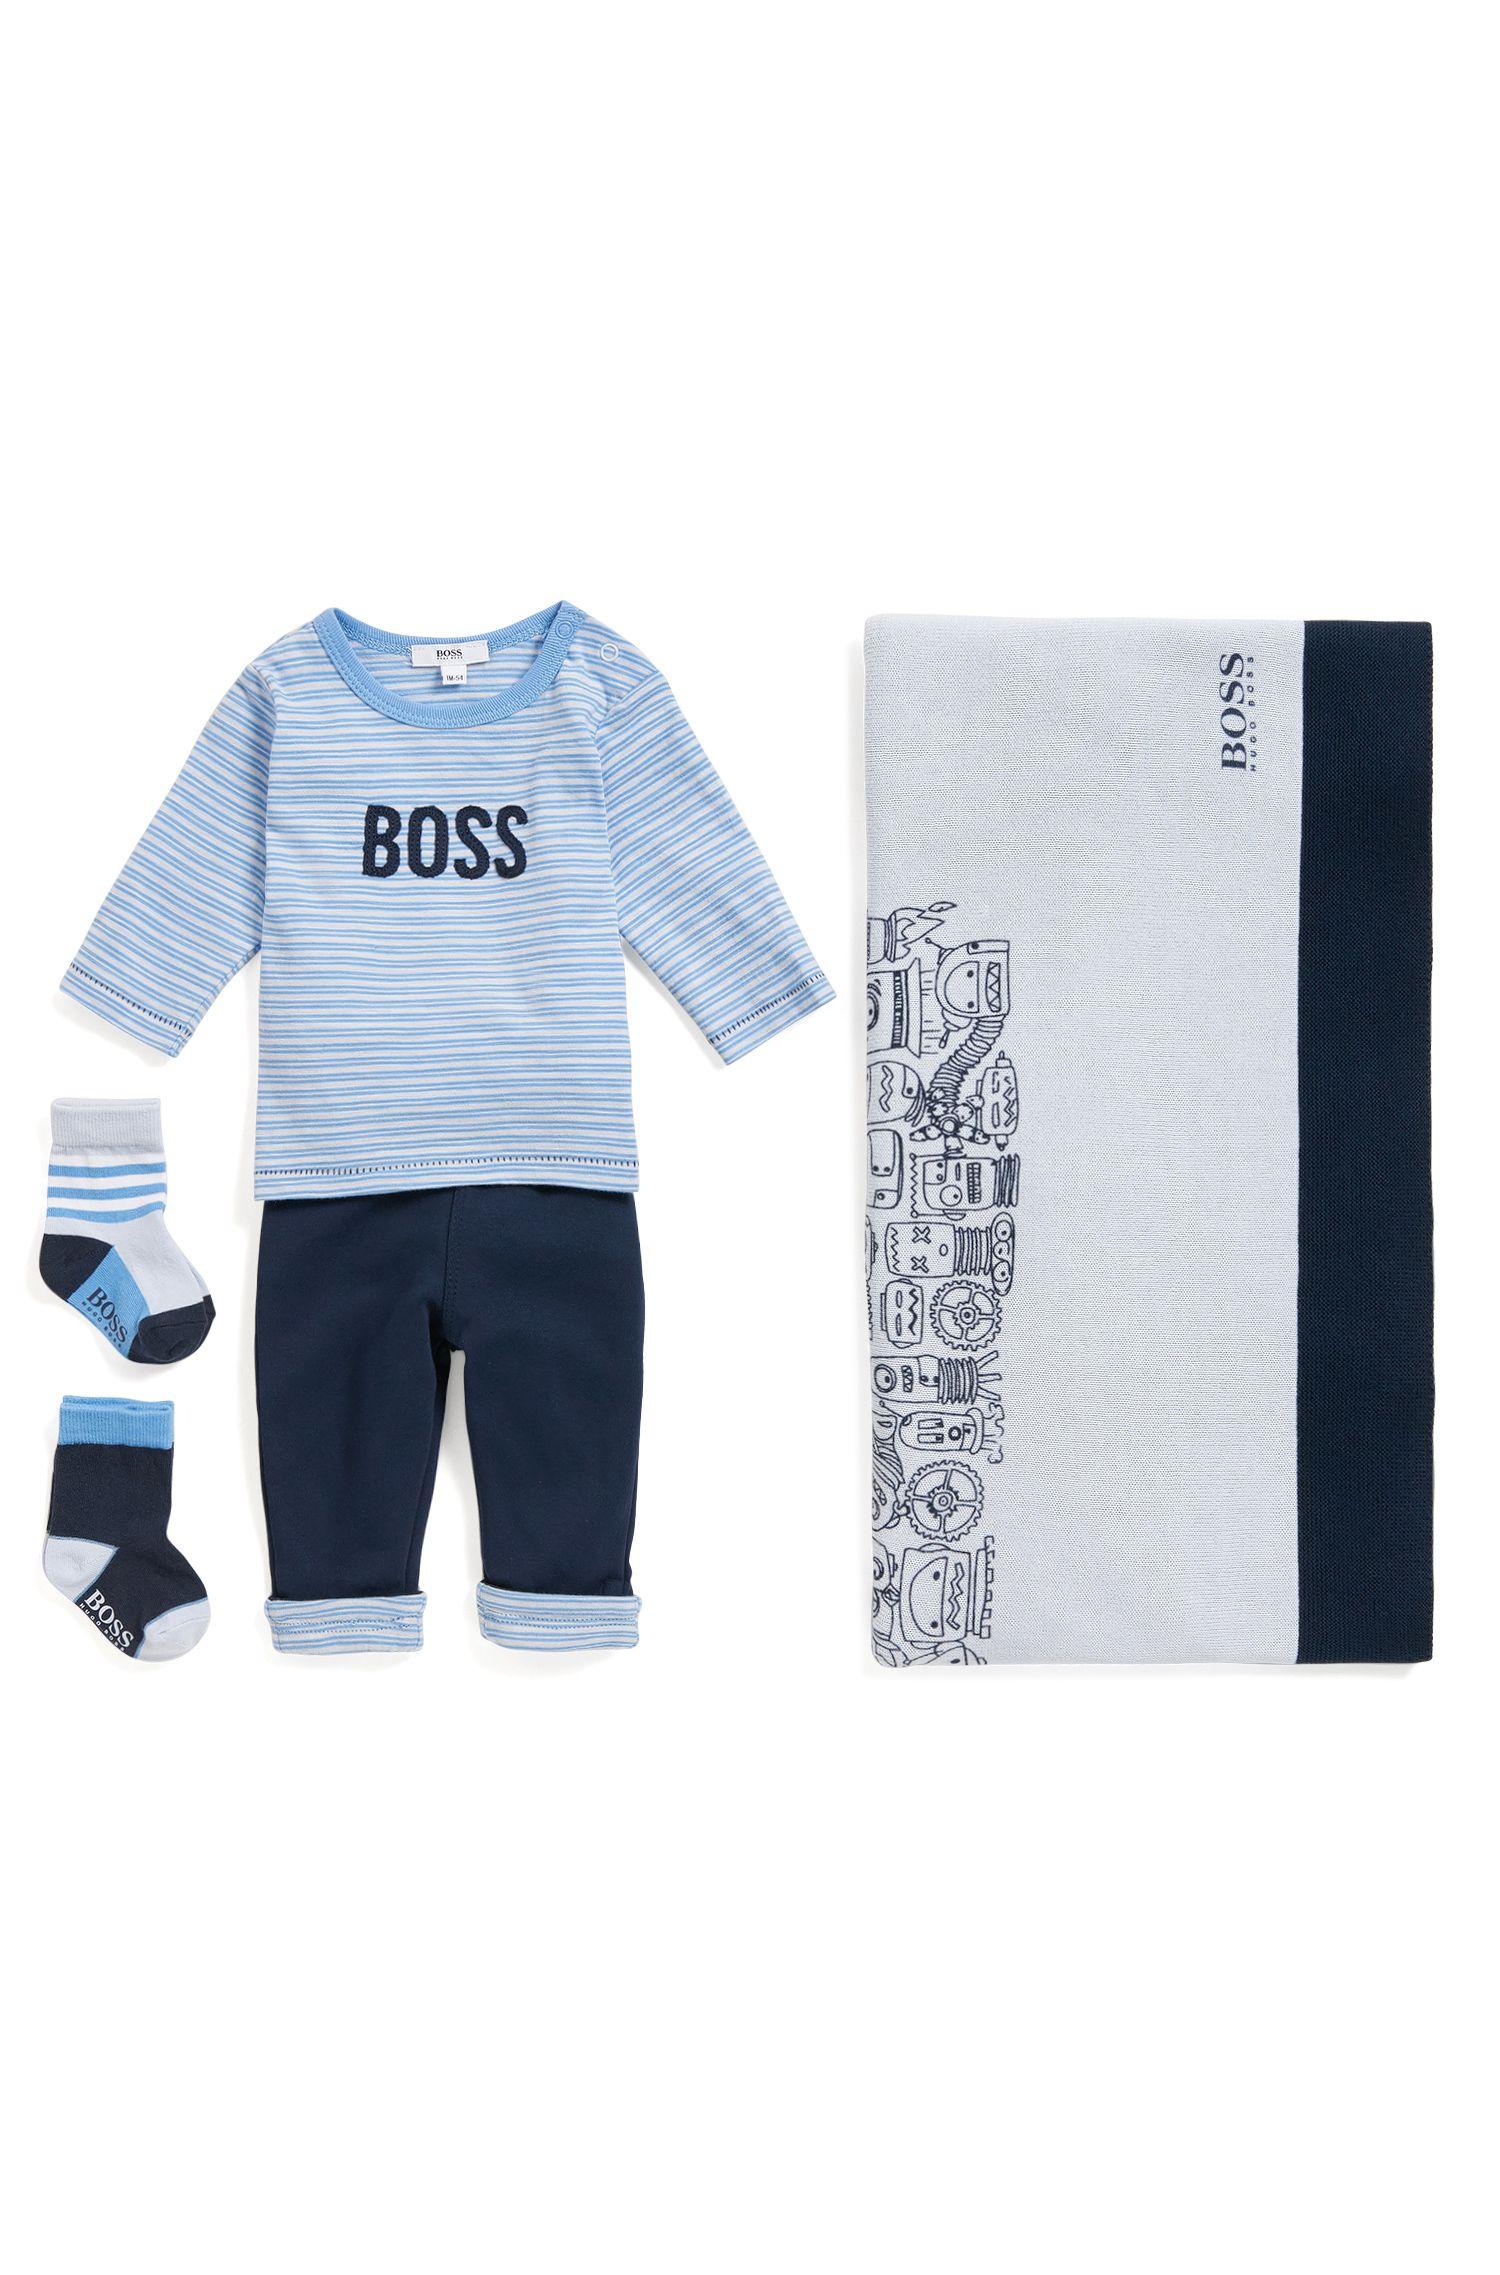 Ensemble t-shirt et pantalon pour bébé en coton